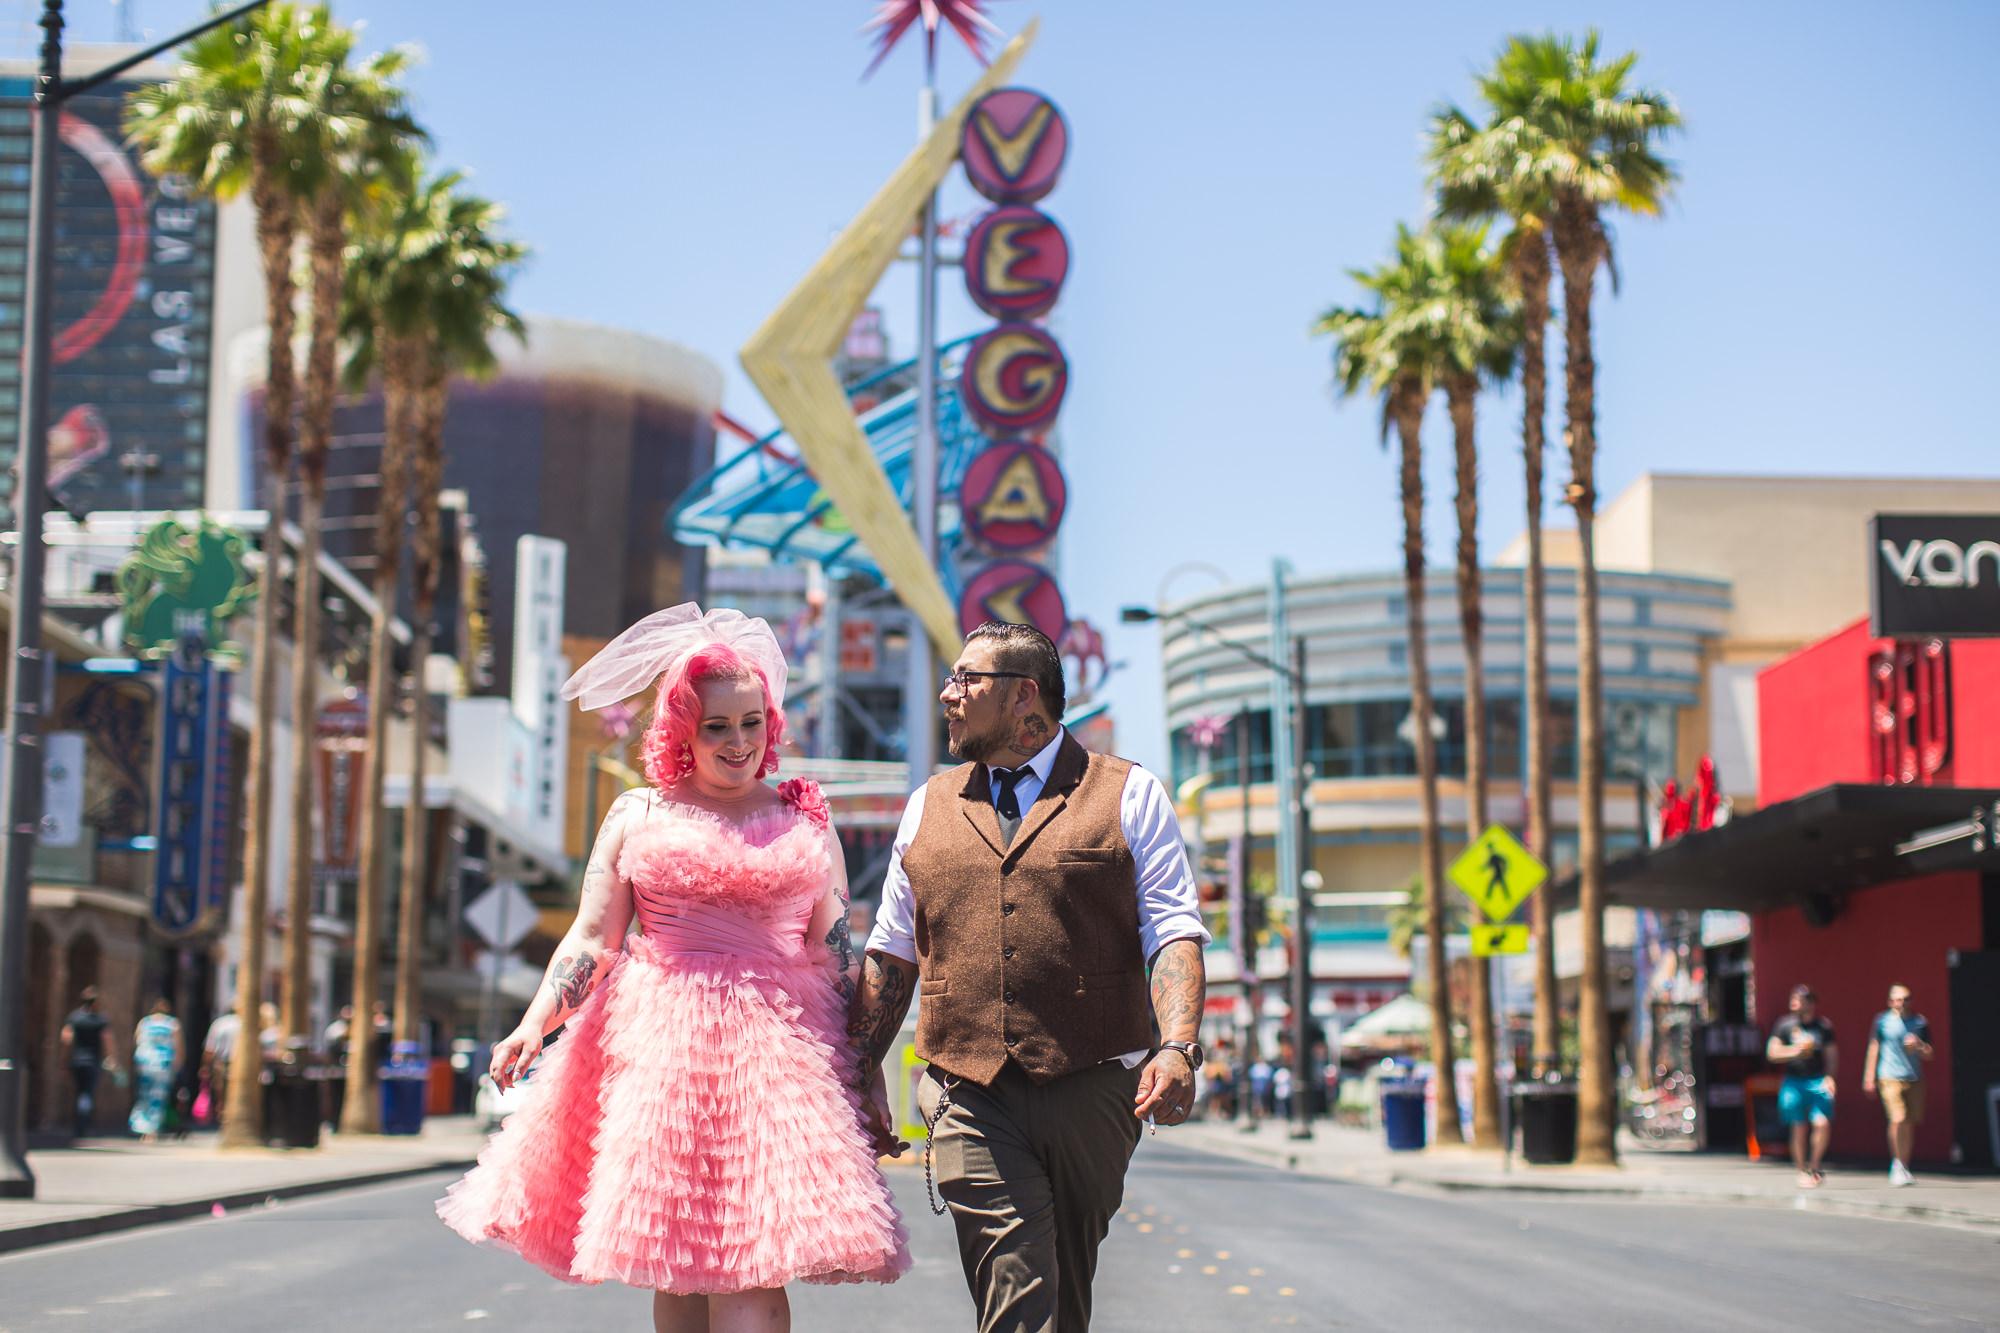 Las Vegas fremont district pink bride and groom portrait